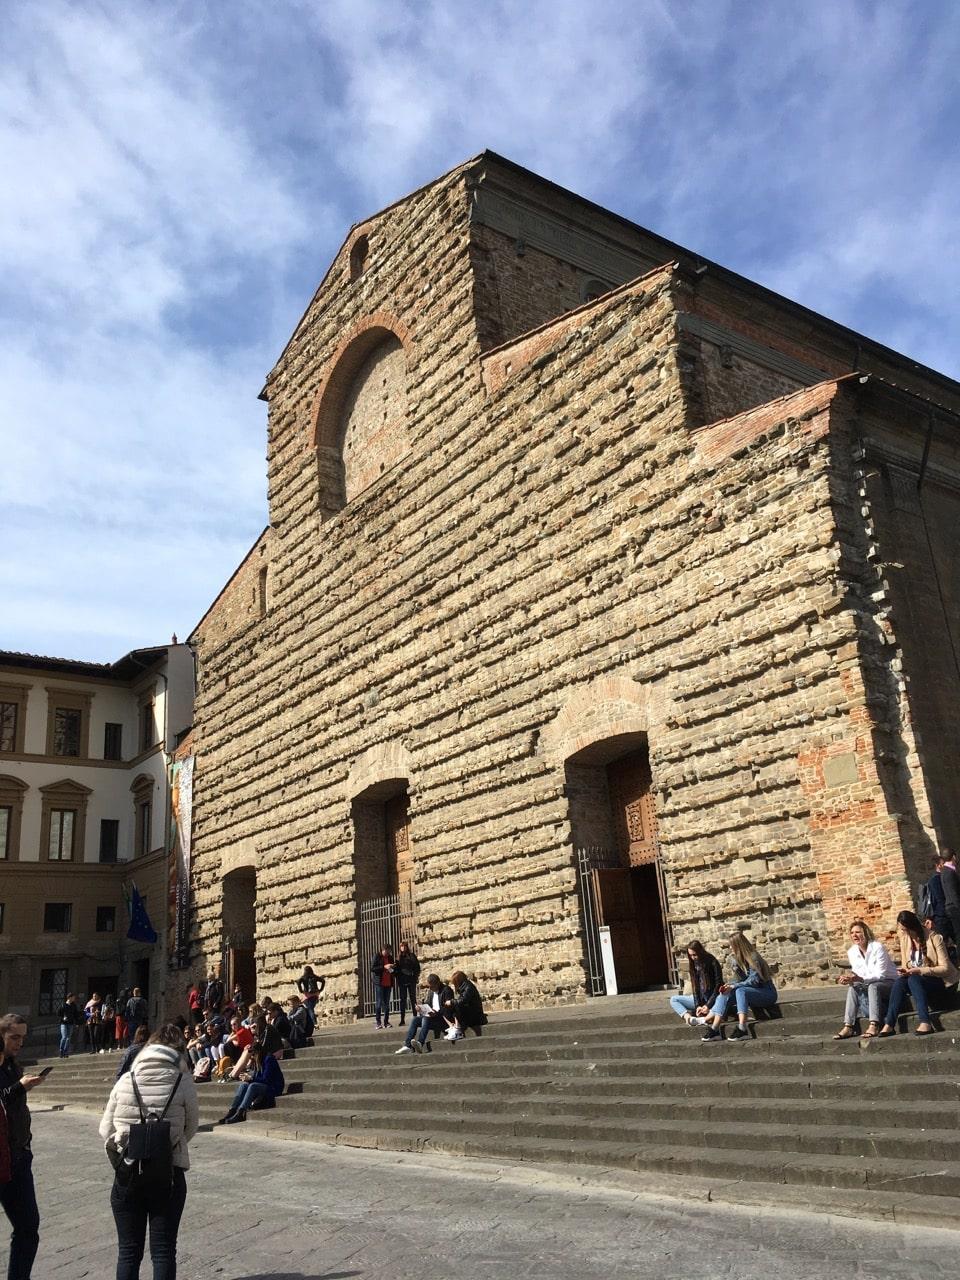 从中央市场走几步路就到了圣劳伦佐大教堂(Basilica di San Lorenzo),最早建于公元393年,是佛的第一座教堂。1418年,建筑师菲利波·布鲁内莱斯重建。我就坐在这里的石阶上享受太阳和美食